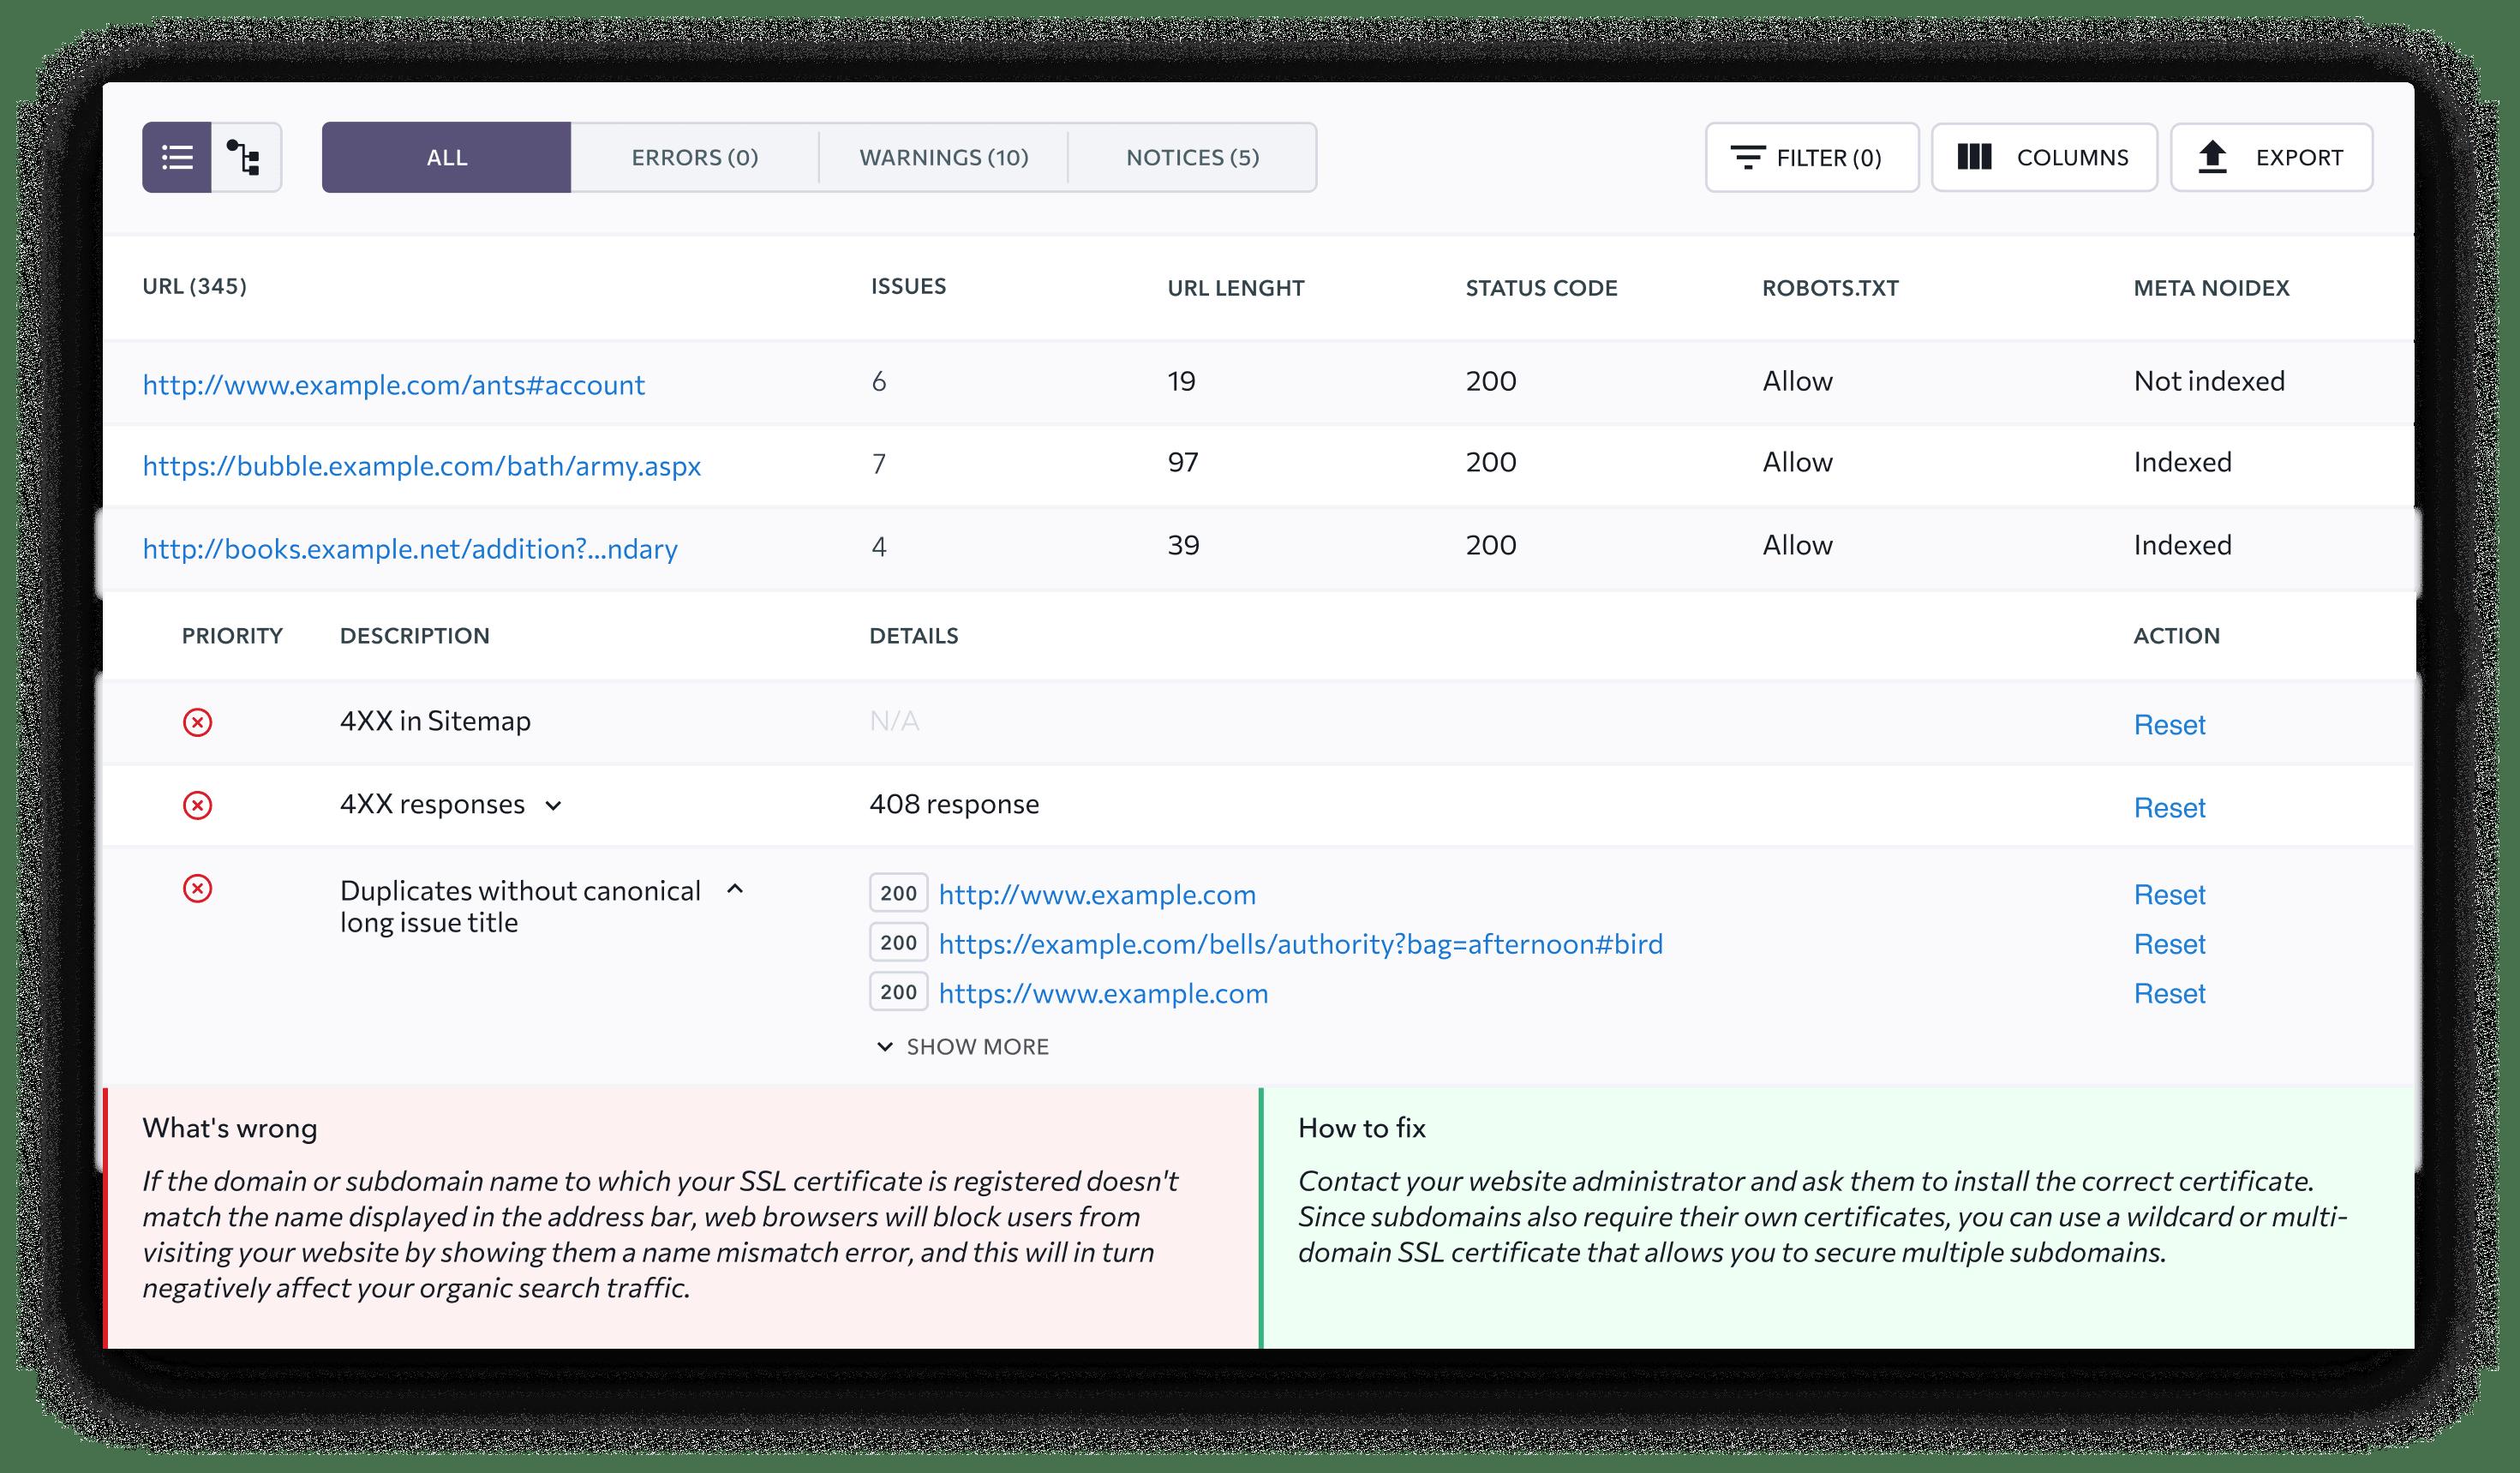 Tous les statistiques importants pour chaque page, lien ou source